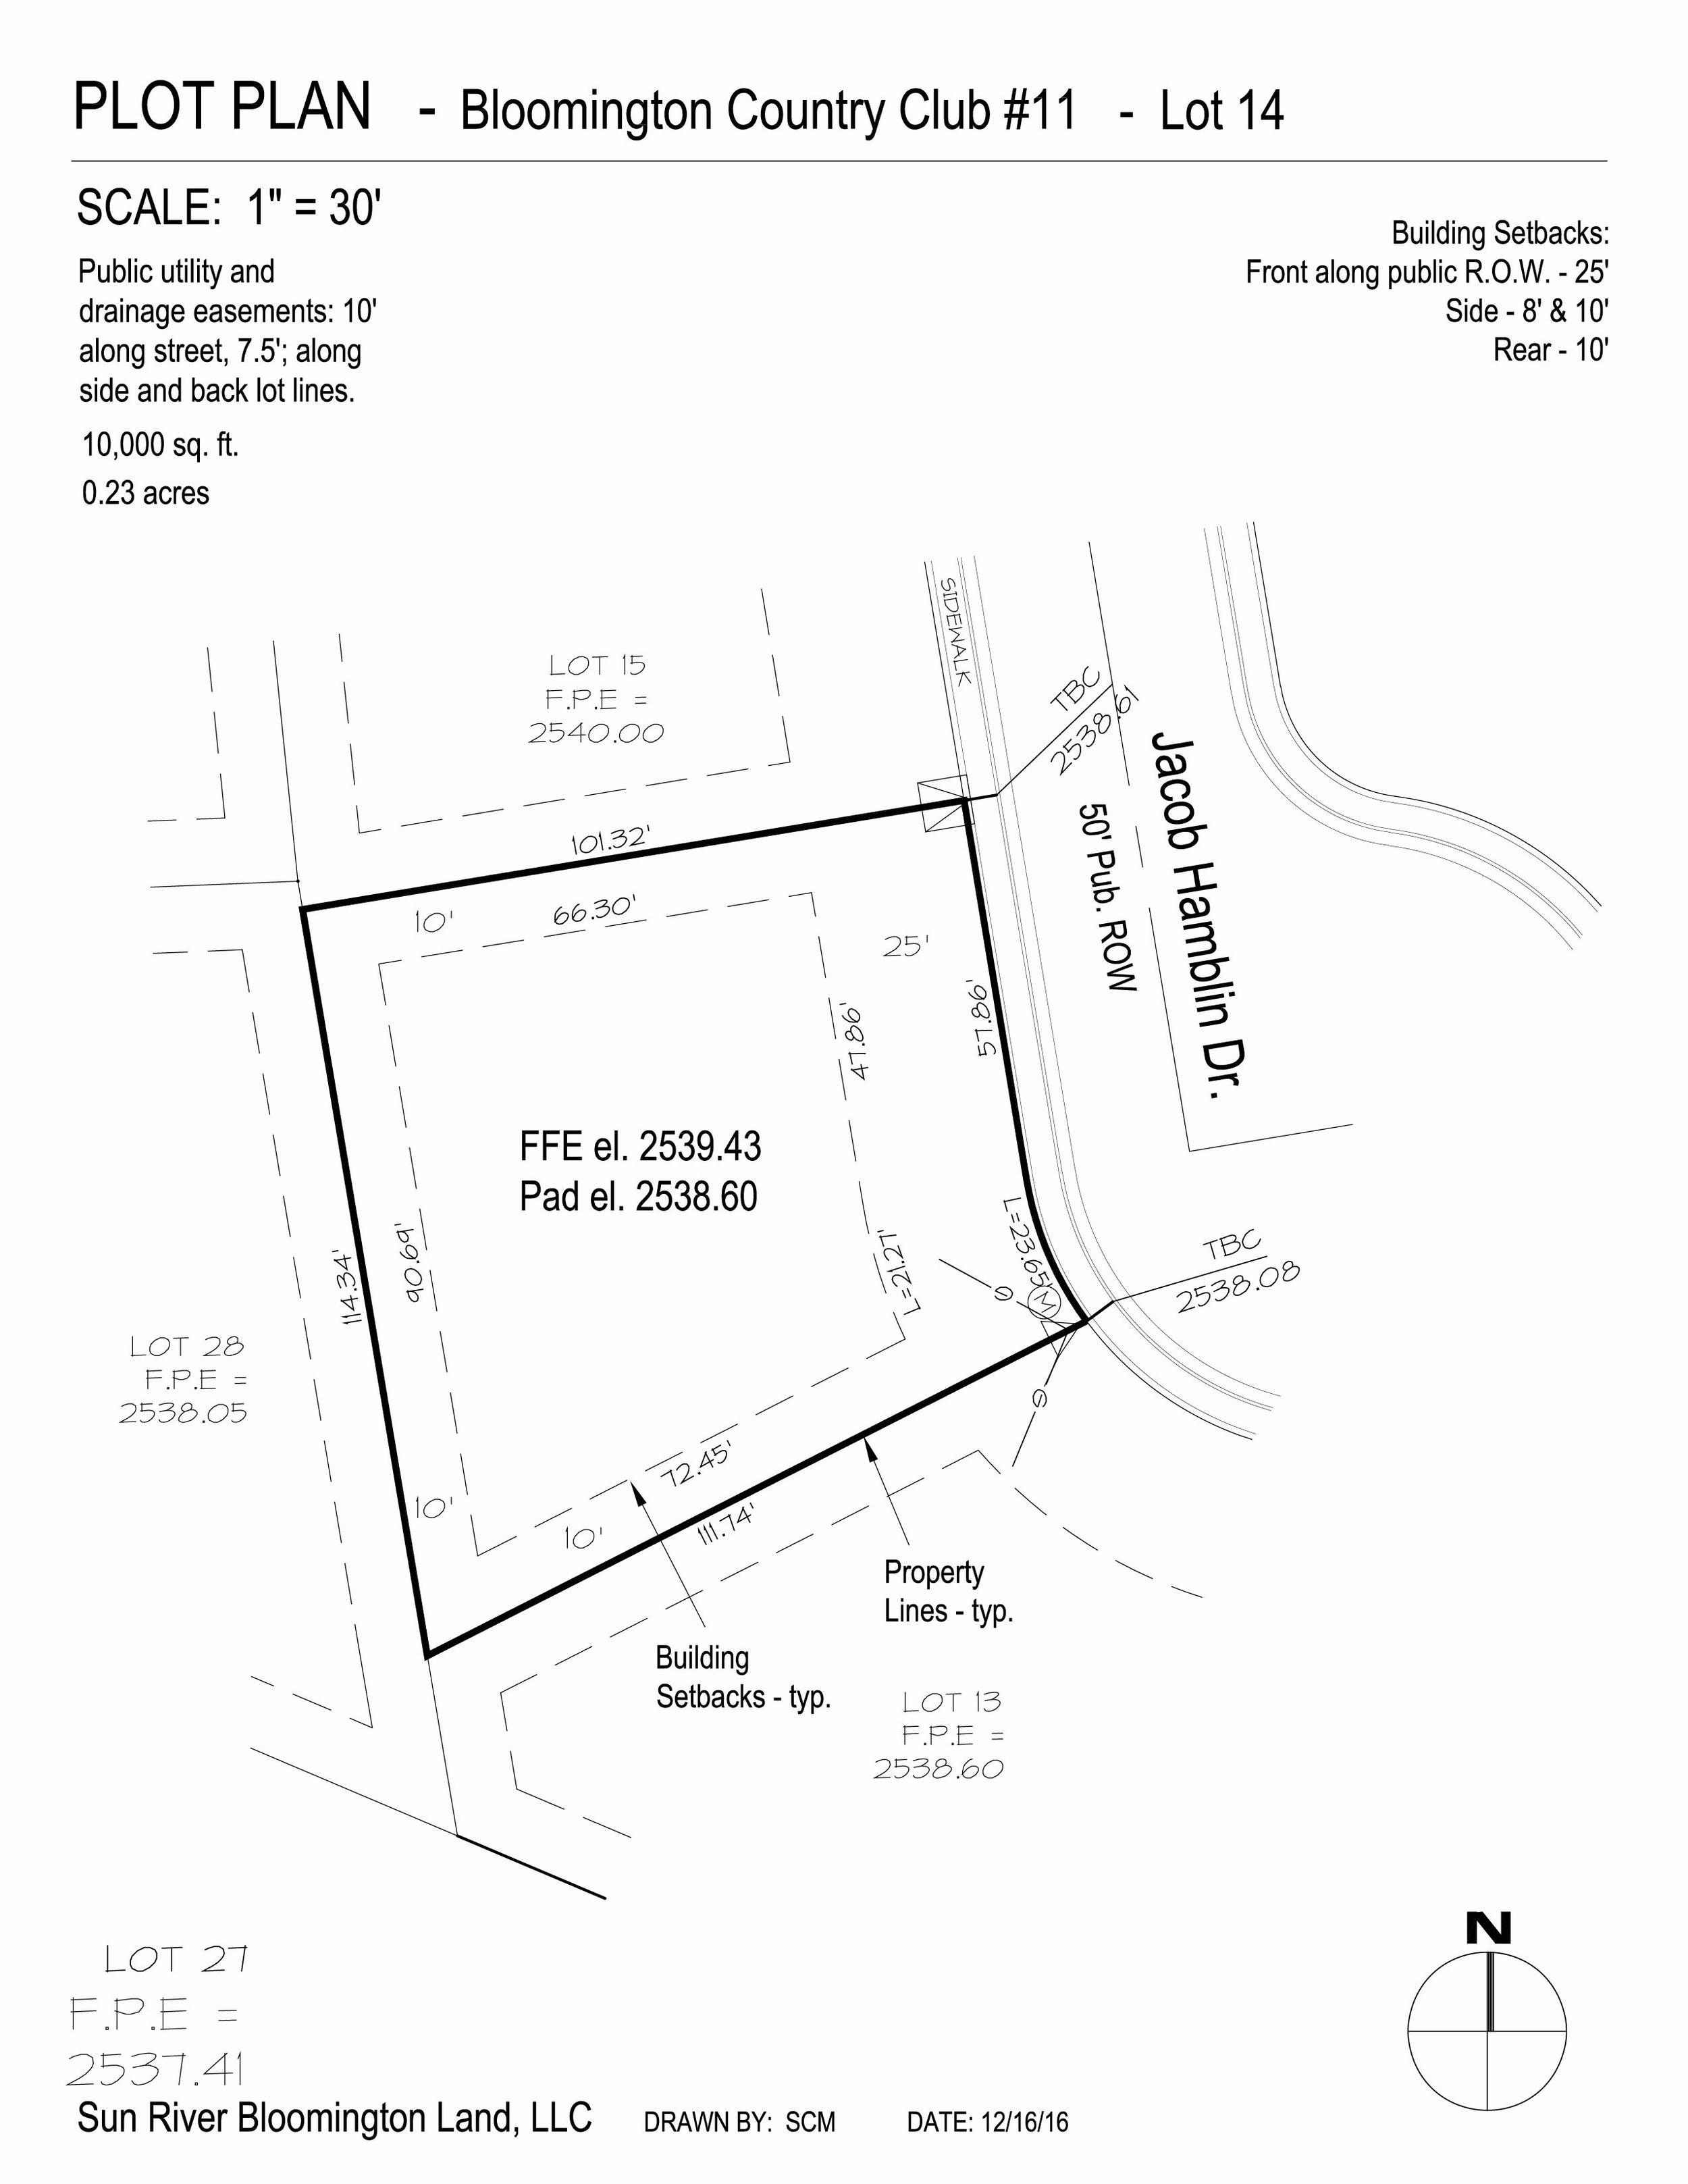 hamblin plot plans-14.jpg